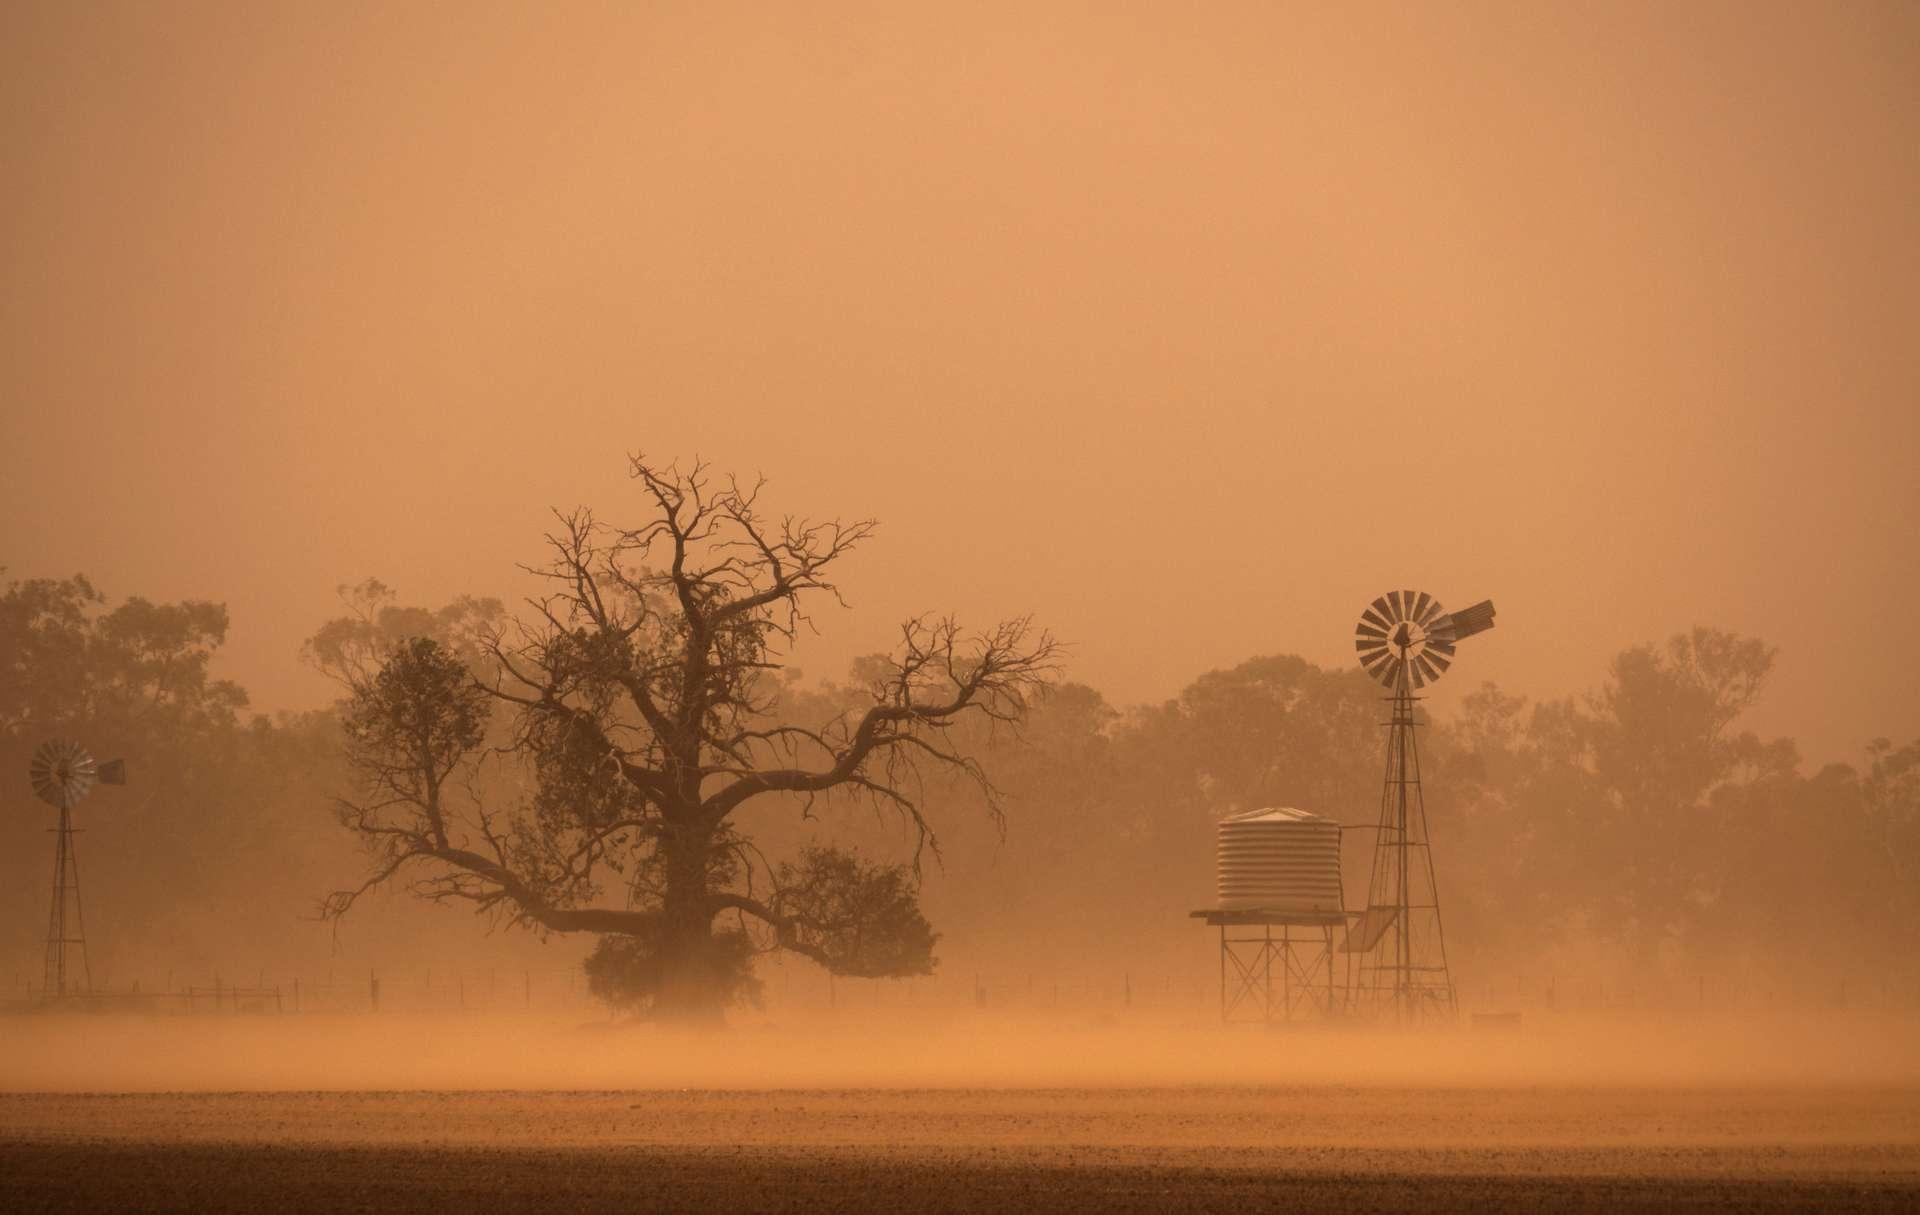 Ce week-end, l'Australie a été le théâtre de spectaculaires tempêtes de sable. © Chris Ison, Adobe Stock